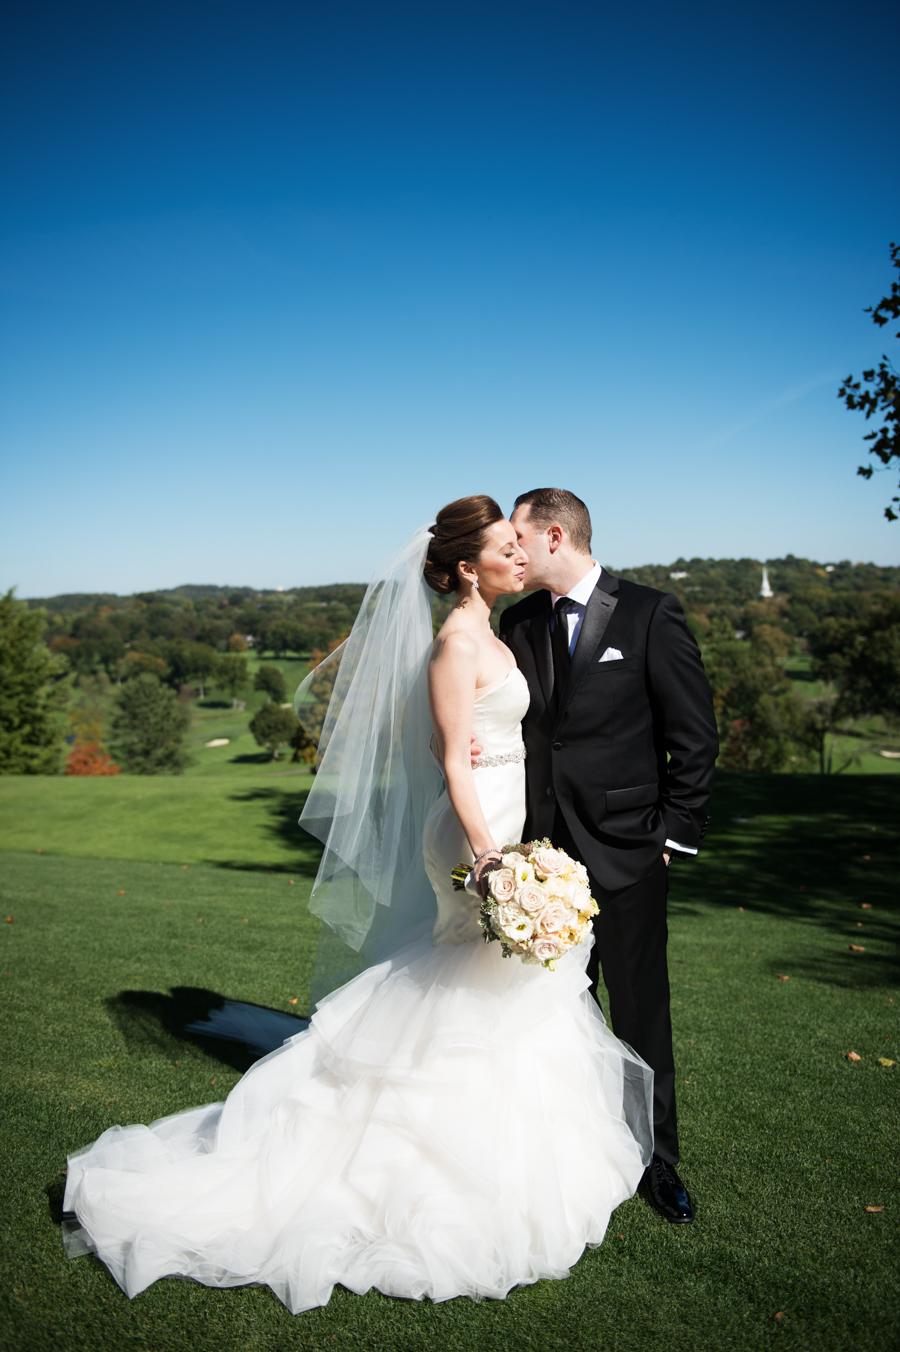 Pittsburgh Field Club Weddings | Elizabeth Craig Photography-47